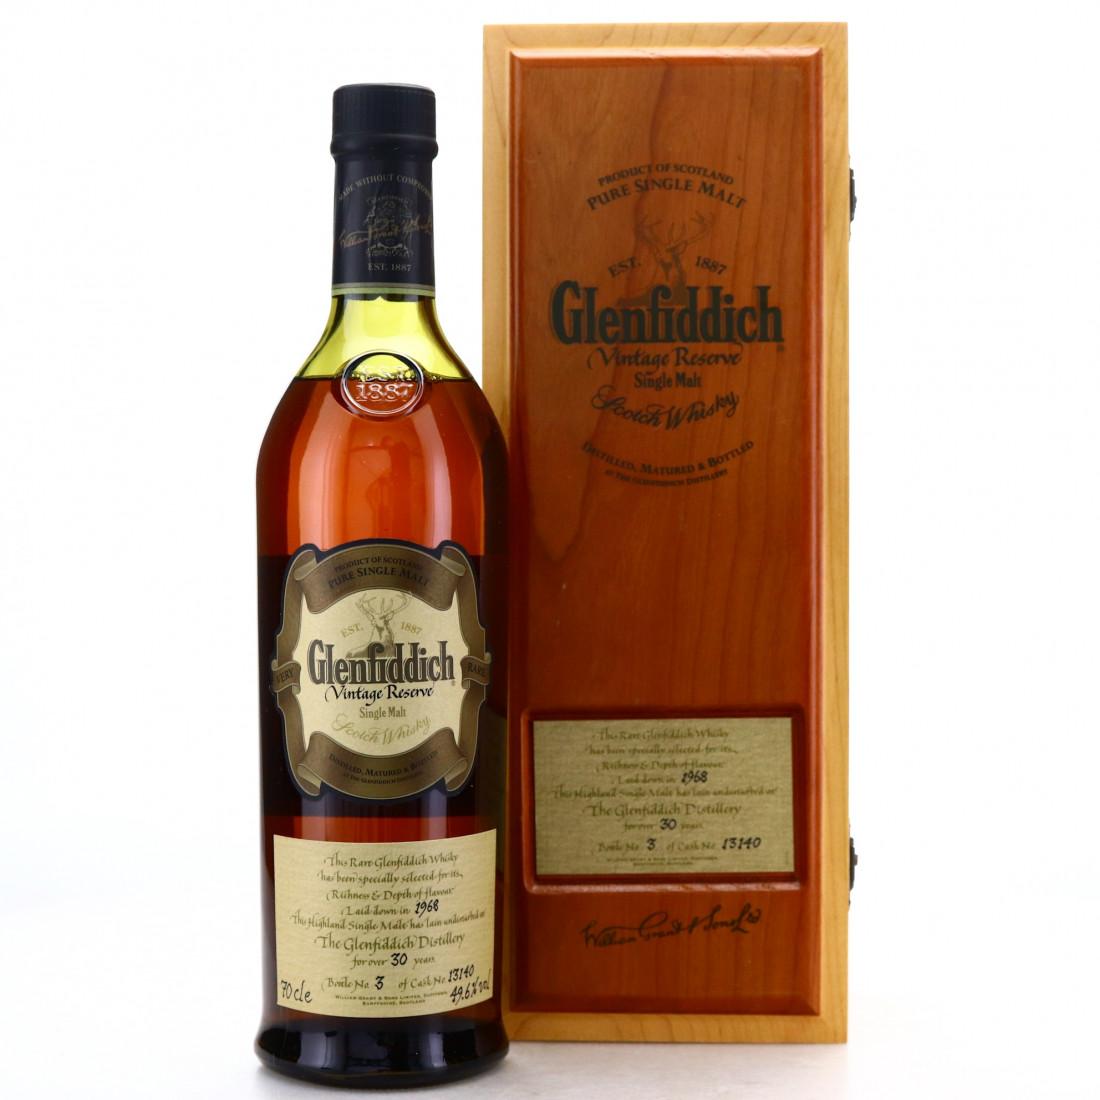 Glenfiddich 1968 Vintage Reserve 30 Year Old #13140